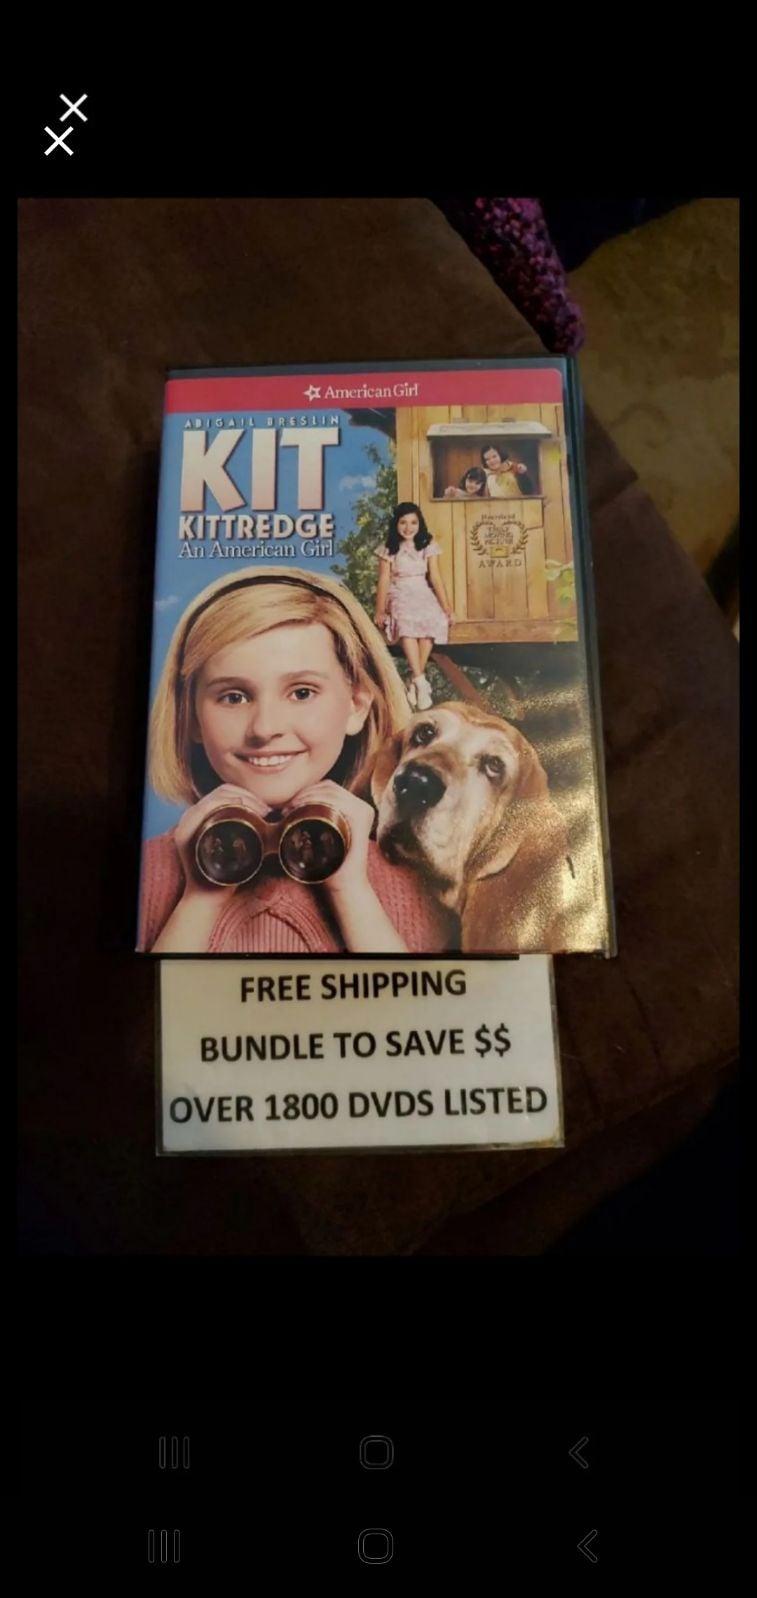 American Girl *DVD-KIT KITTREDGE AN AMERICAN GIRL* NEW~Factory Sealed~Fast Ship